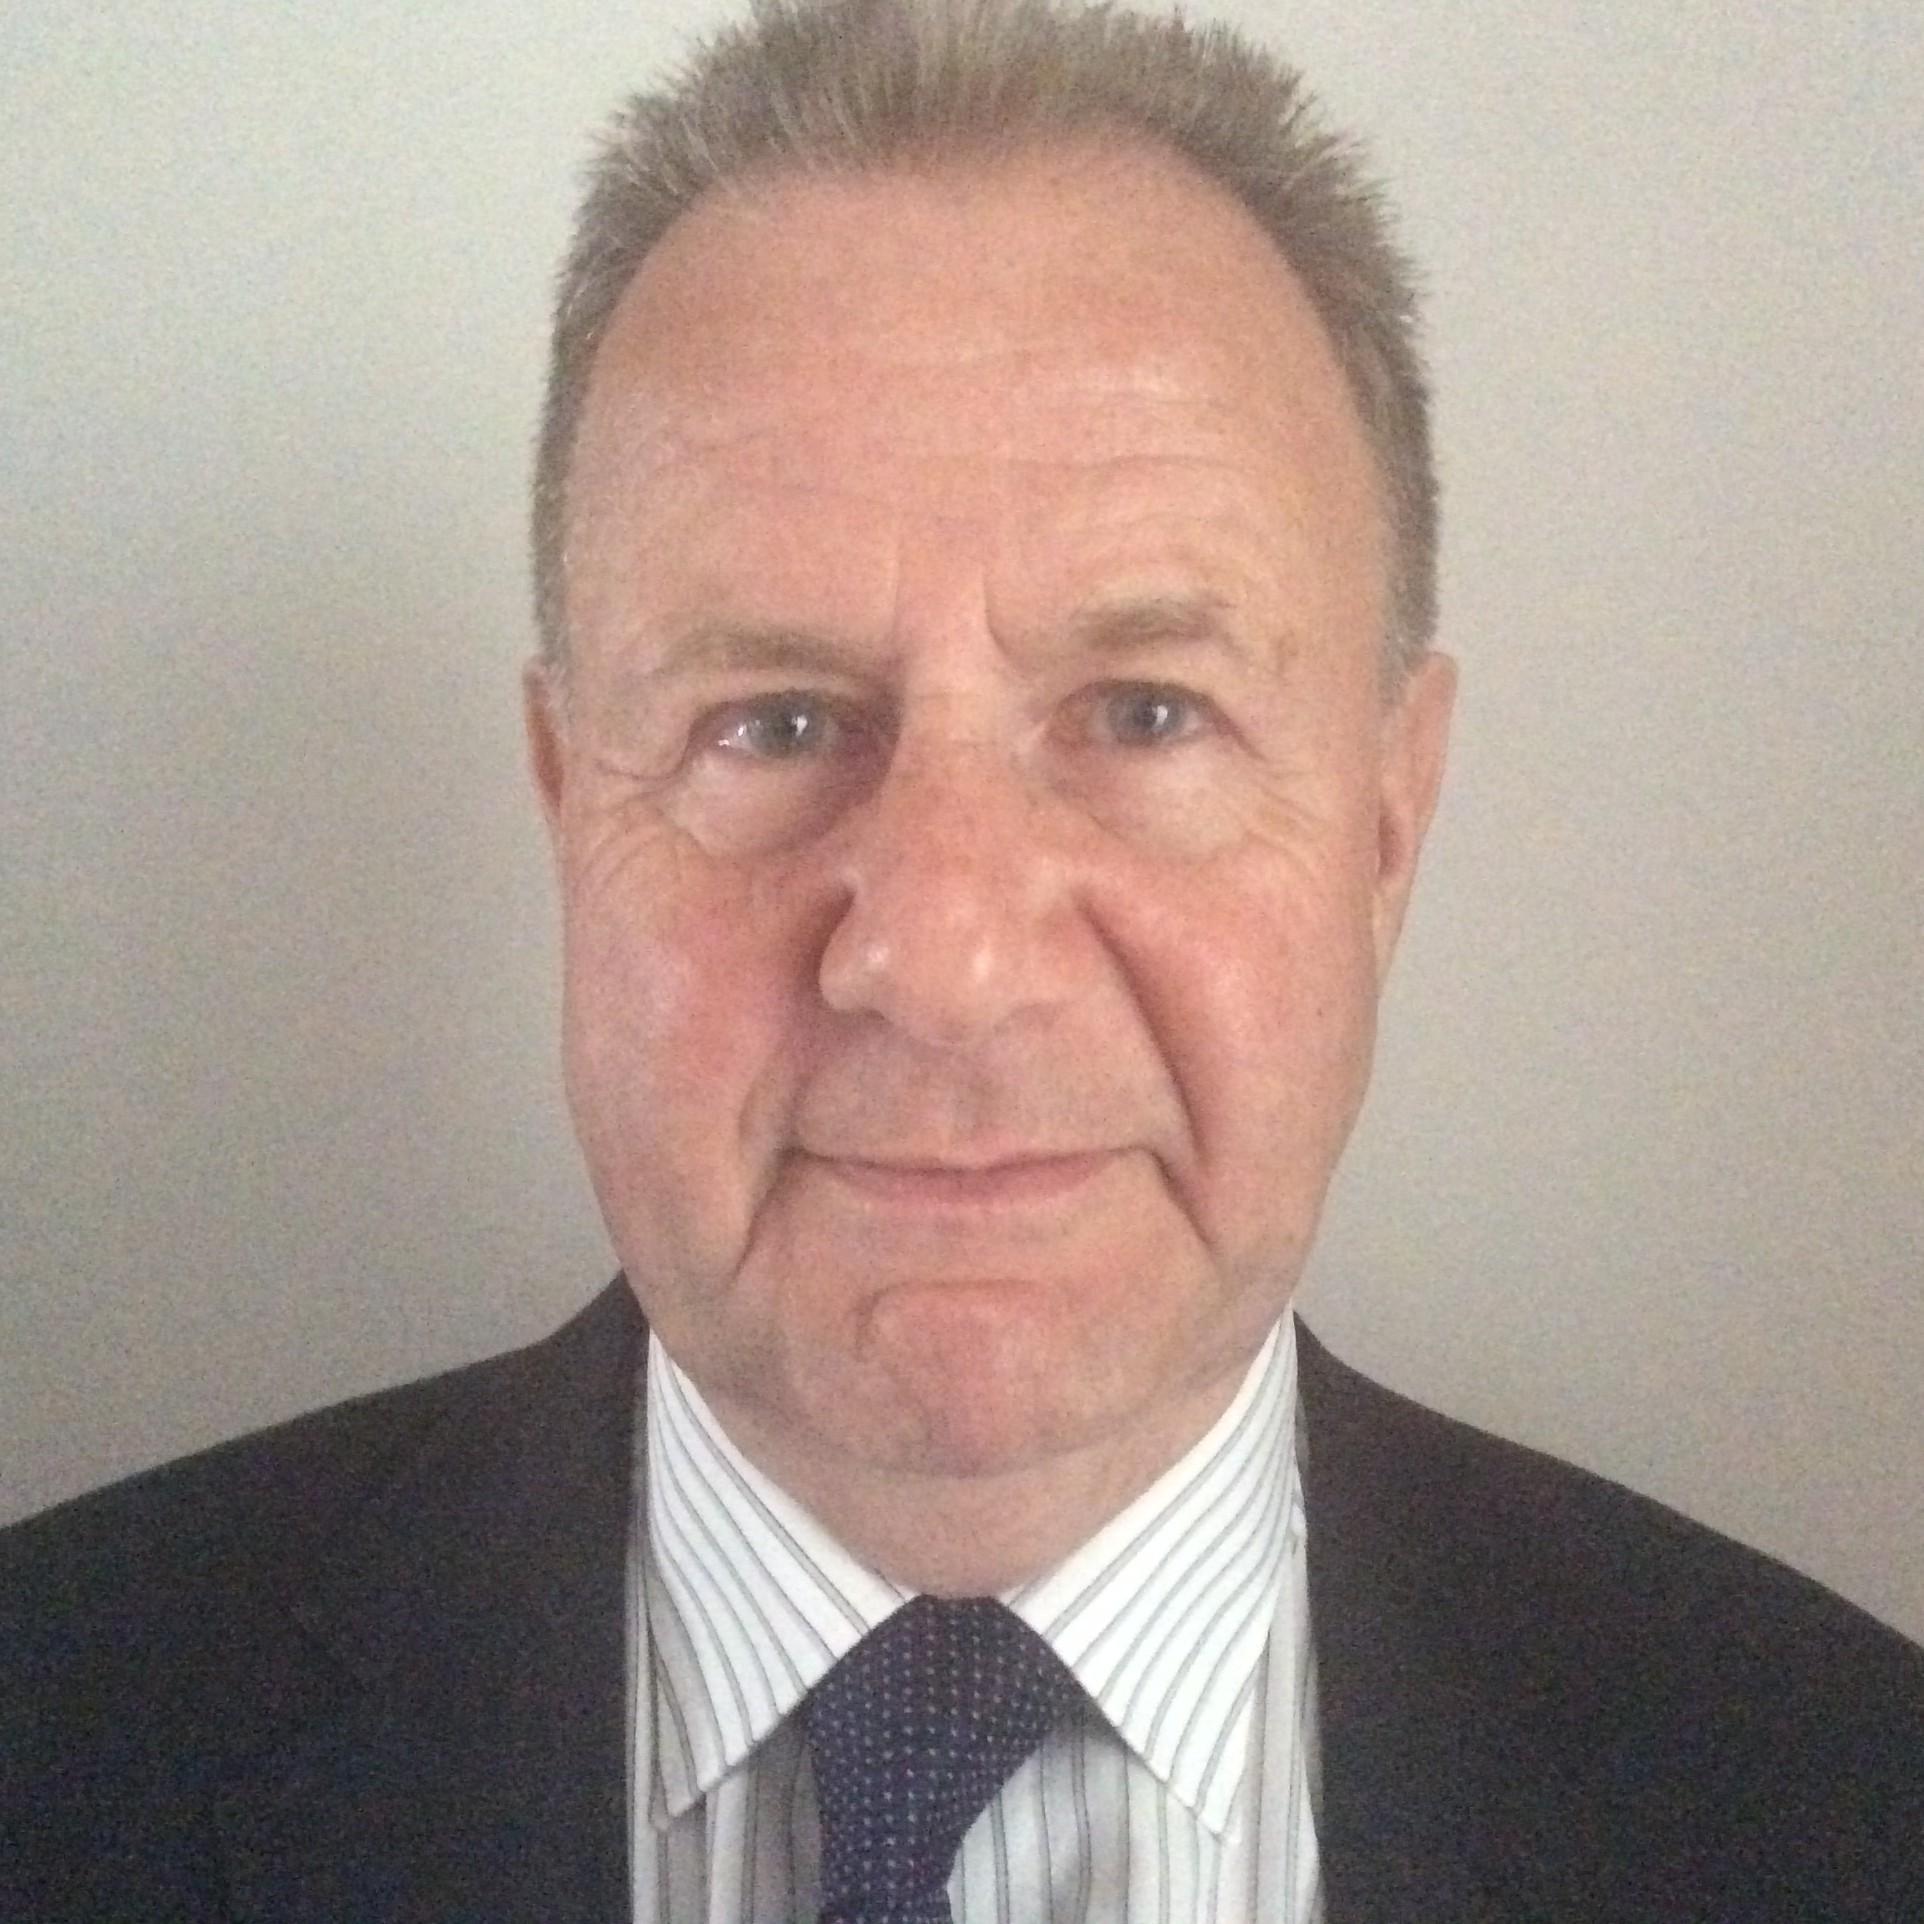 Ted Peel